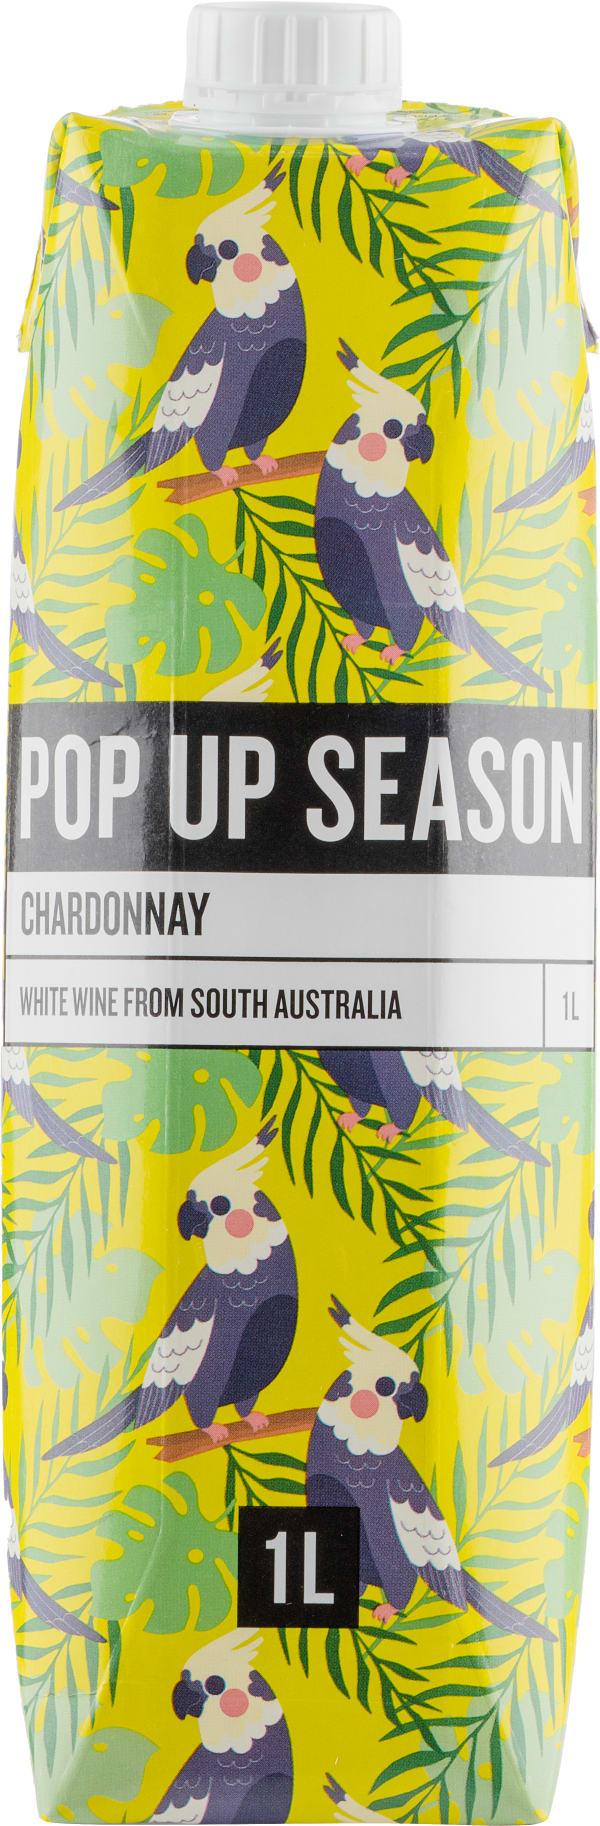 Pop Up Season Chardonnay 2019 kartongförpackning